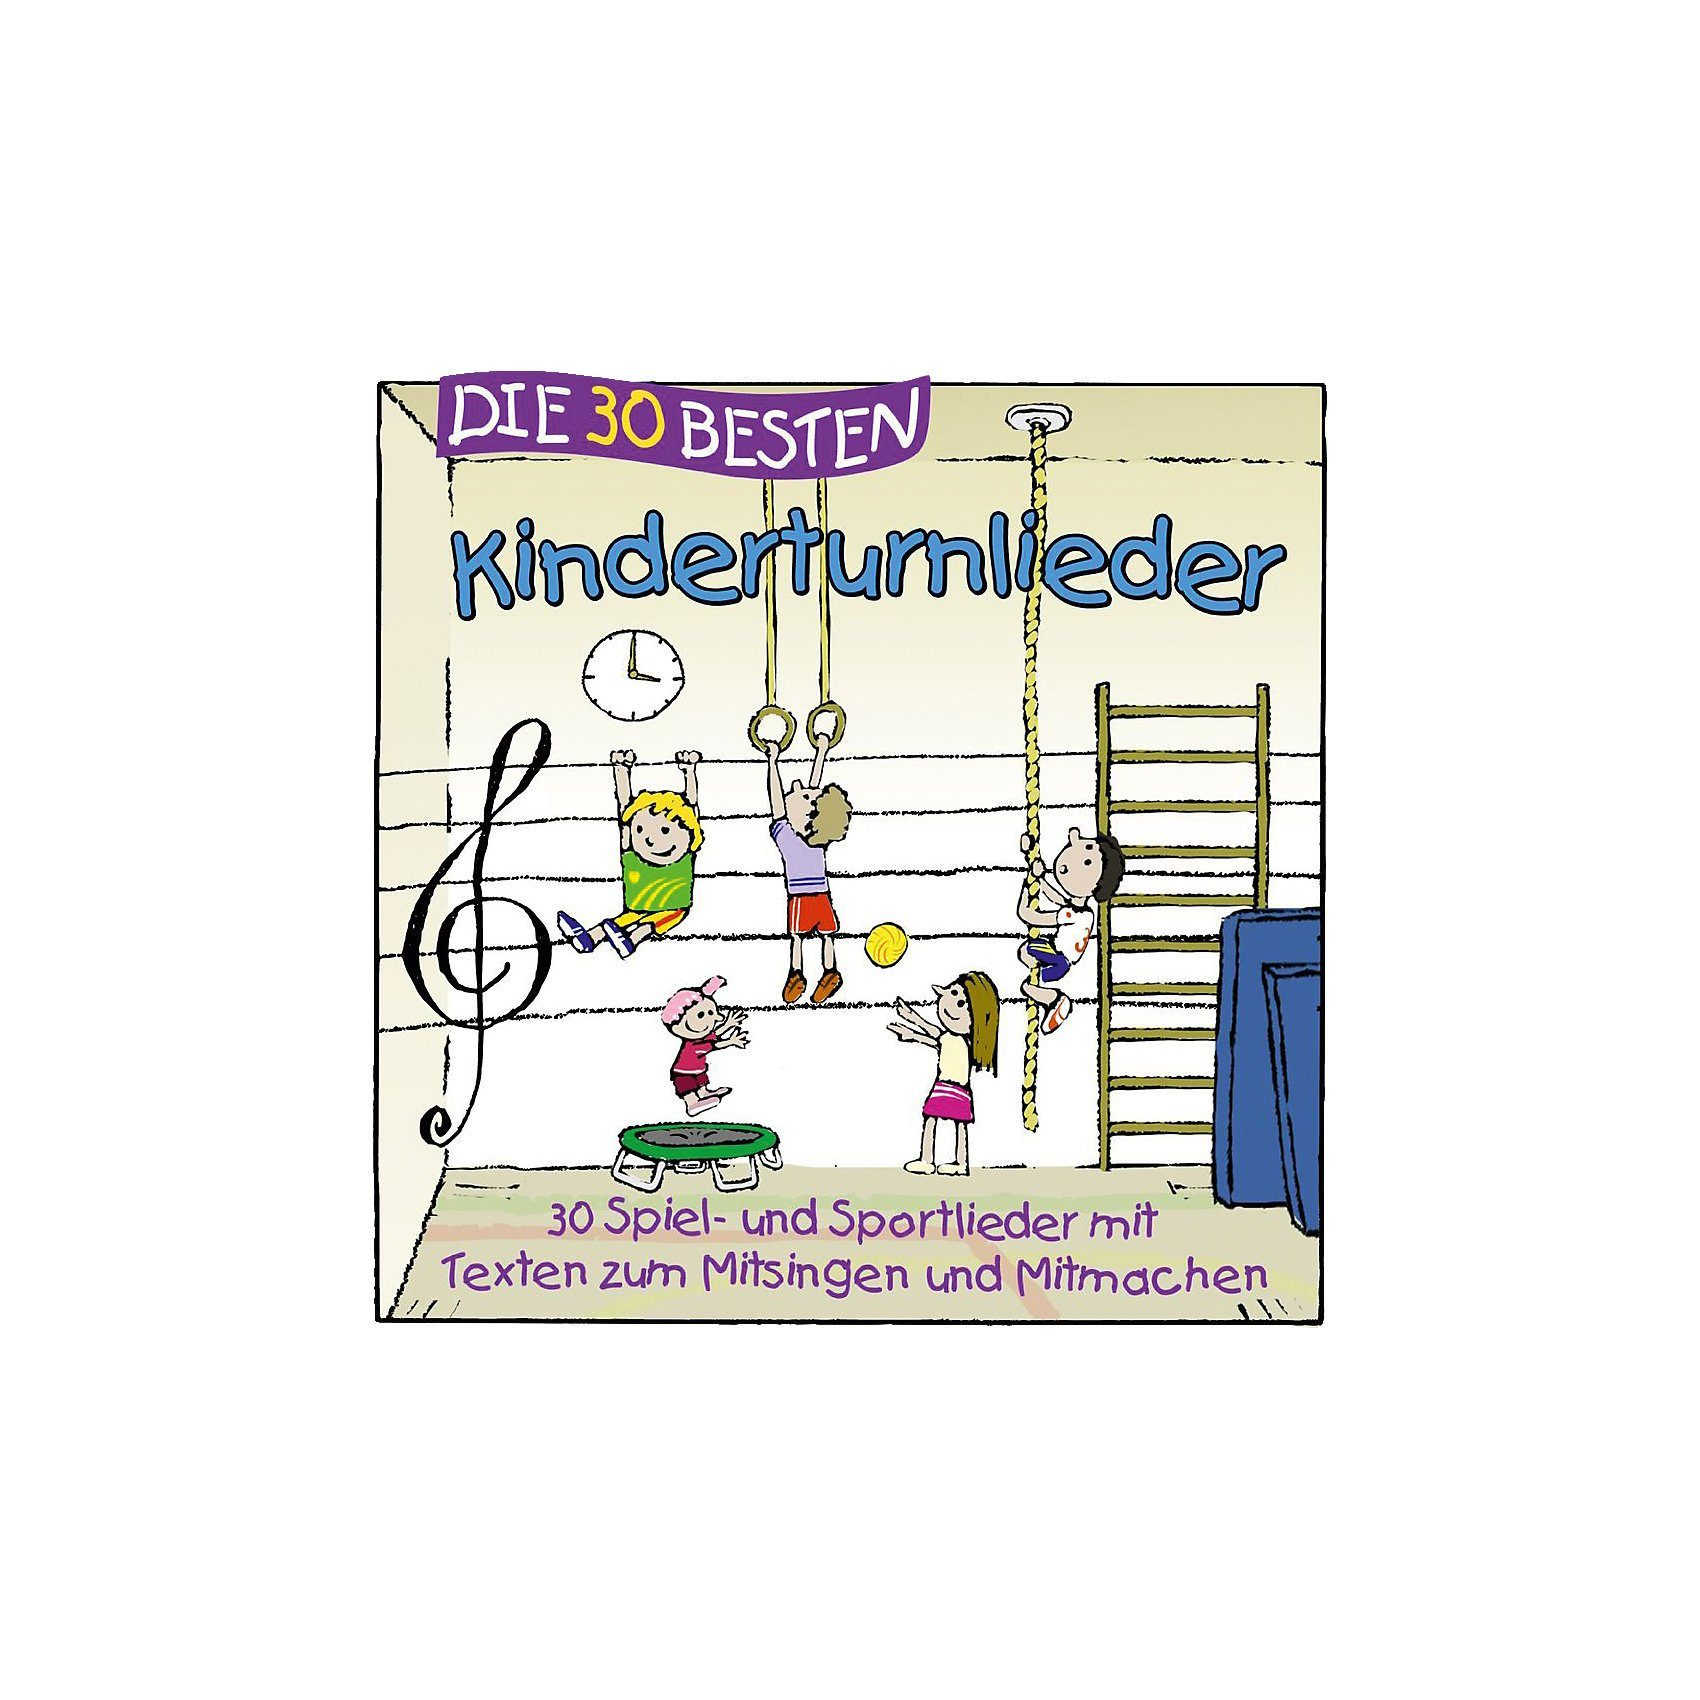 Universal CD Die 30 besten Kinderturnlieder